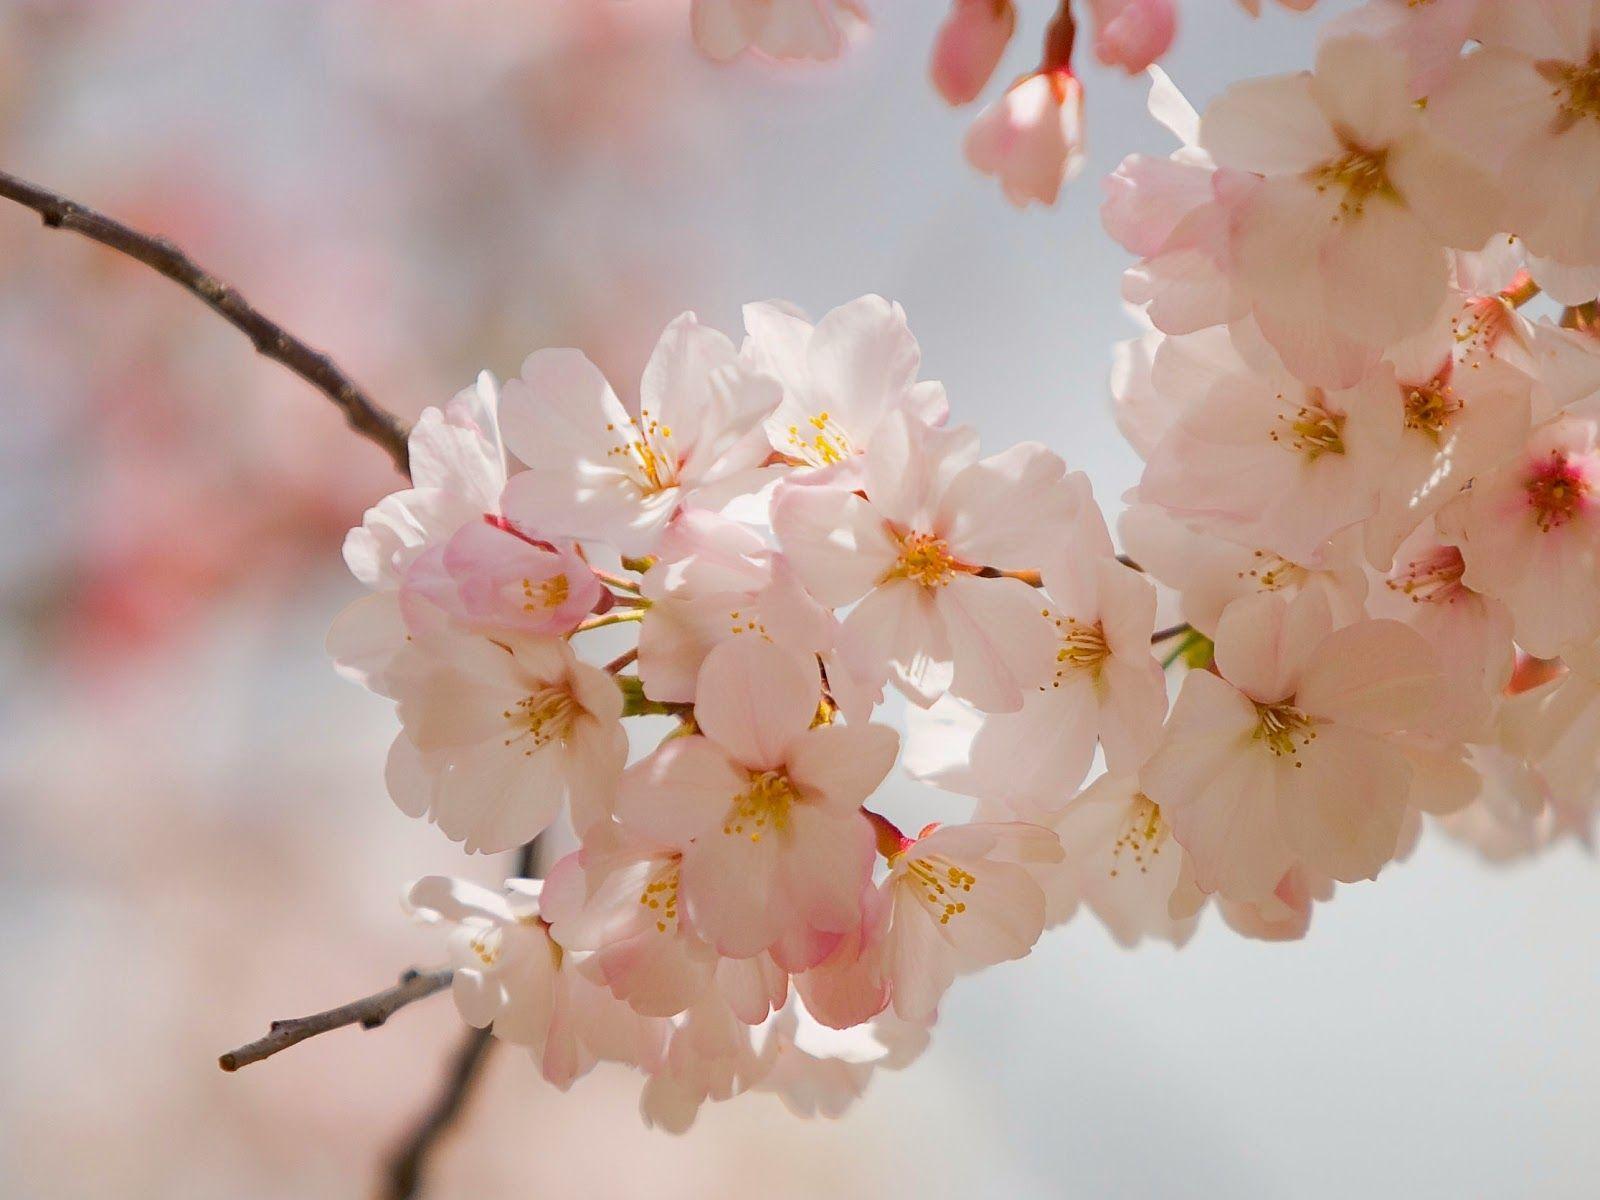 2560x1600 Cute Pink Flowers HD Wallpaper